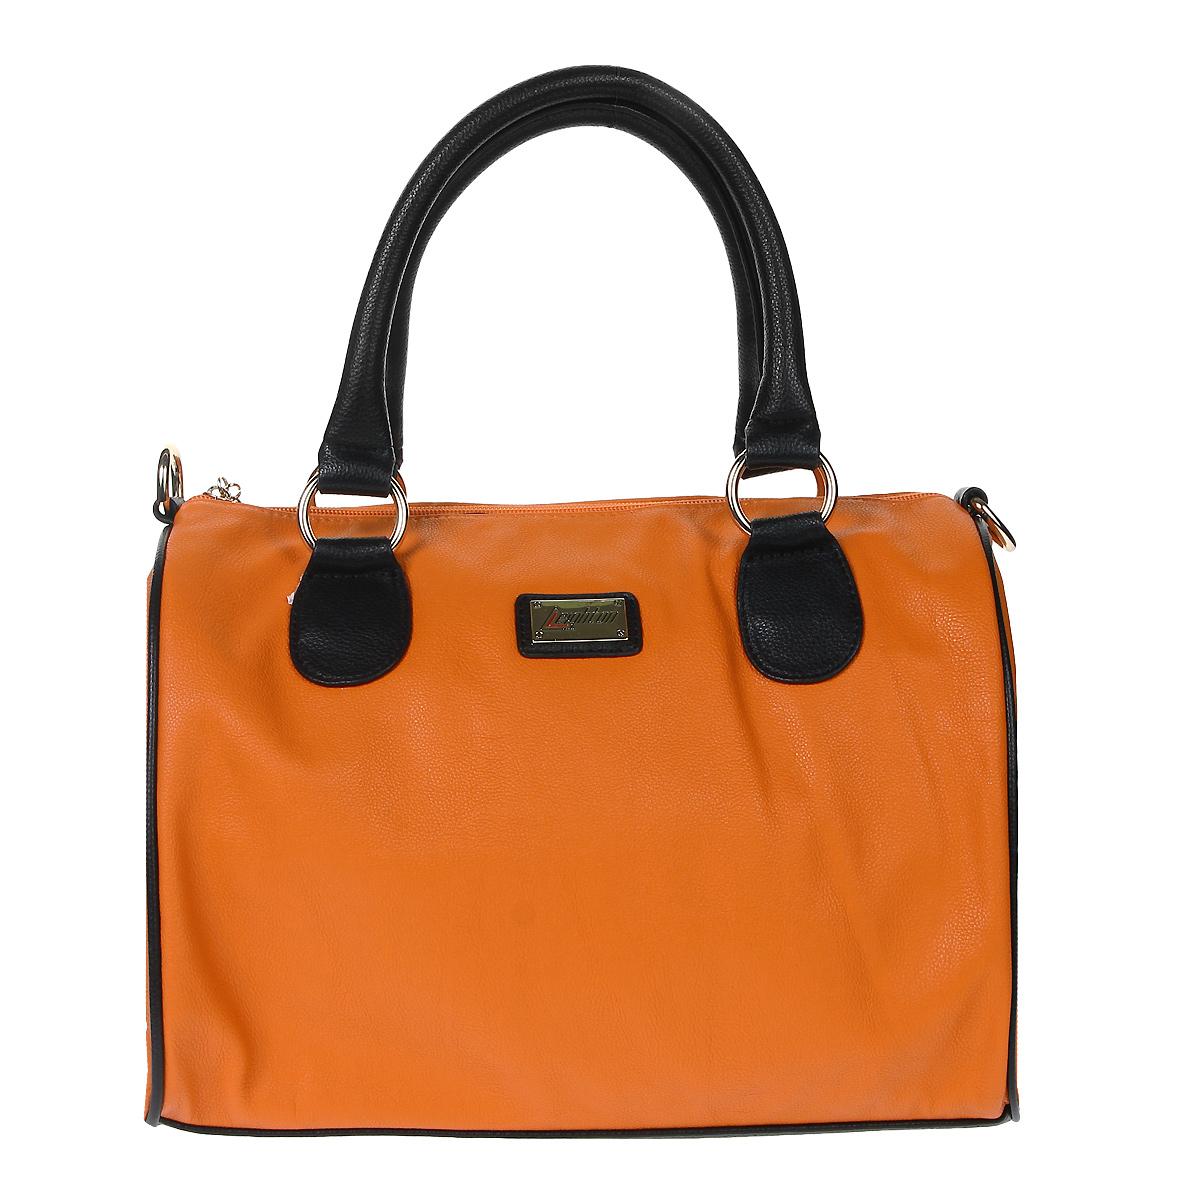 Сумка женская Leighton, цвет: оранжевый. 550429-200550429-200/51/200/1Стильная сумка Leighton выполнена из искусственной кожи оранжевого цвета с элементами из черной экокожи. Модель имеет одно вместительное отделение, закрывающееся на застежку-молнию. Внутри - два открытых накладных кармана и два кармана на молниях. На задней стенке сумки расположен вшитый карман на молнии. Сумка оснащена двумя ручками, крепящимися при помощи металлических колец. В комплекте плечевой ремень регулируемой длины и чехол для хранения. Фурнитура выполнена из золотистого металла. Модная сумка подчеркнет ваш яркий стиль и сделает образ модным и завершенным.